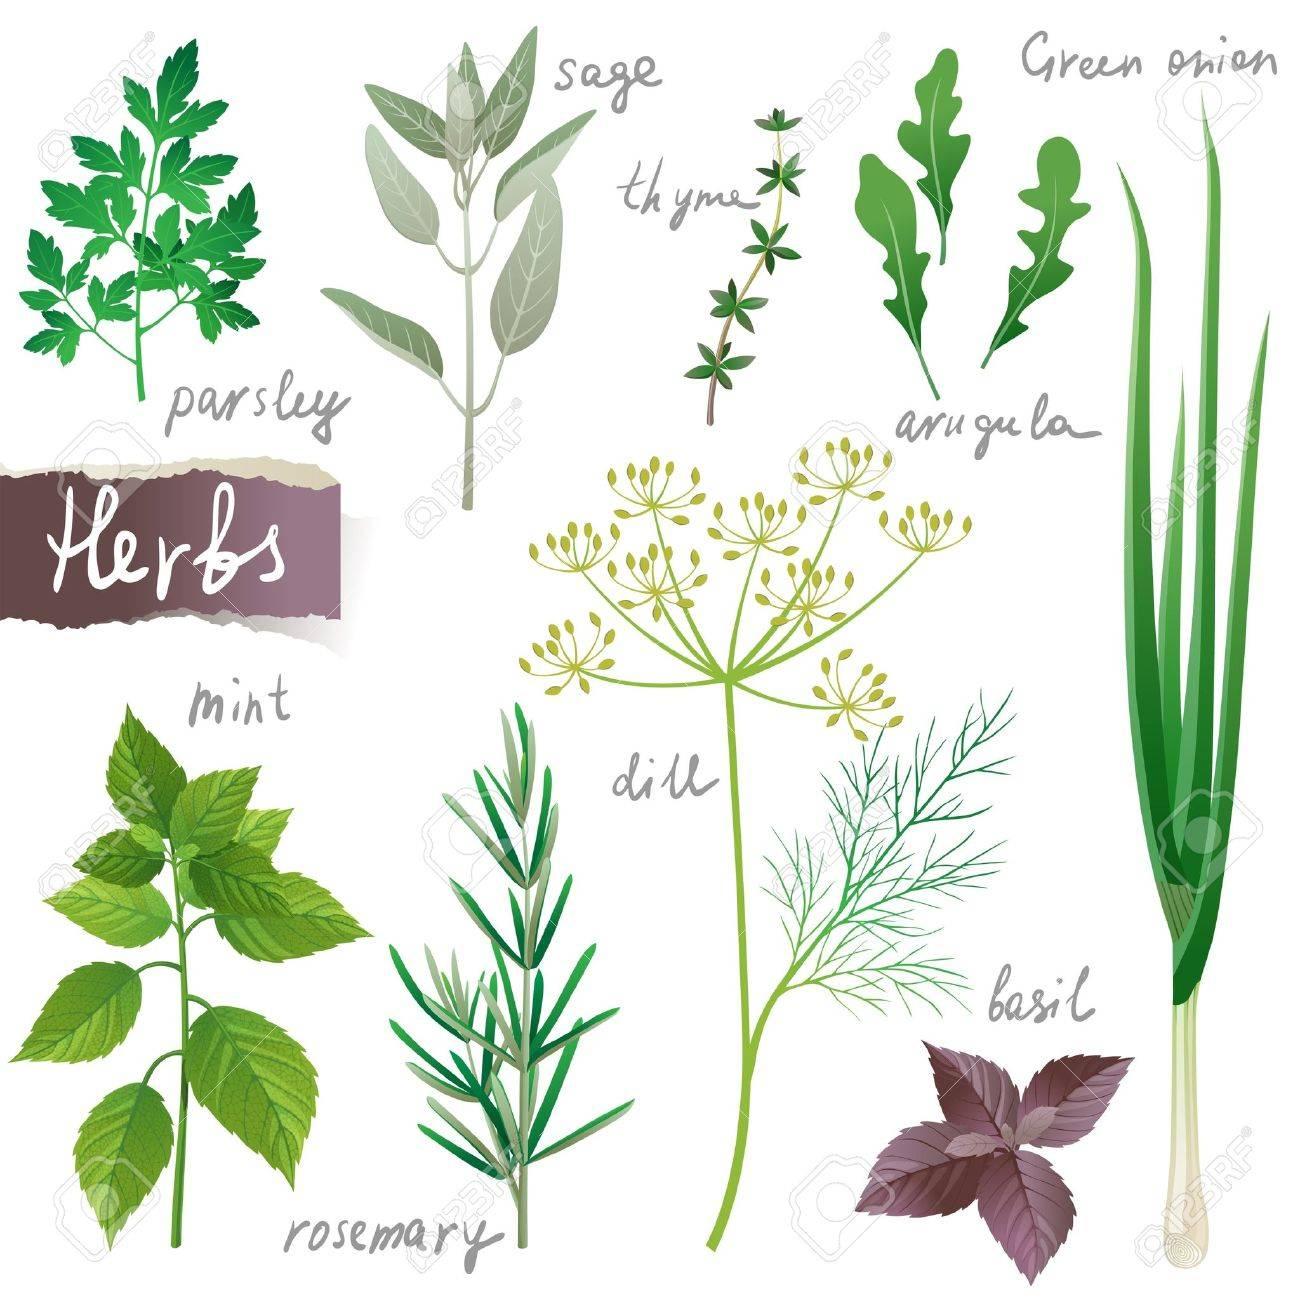 hierbas arom ticas establecer ilustraciones vectoriales clip art rh es 123rf com hierbas aromaticas fotos hierbas aromaticas del peru